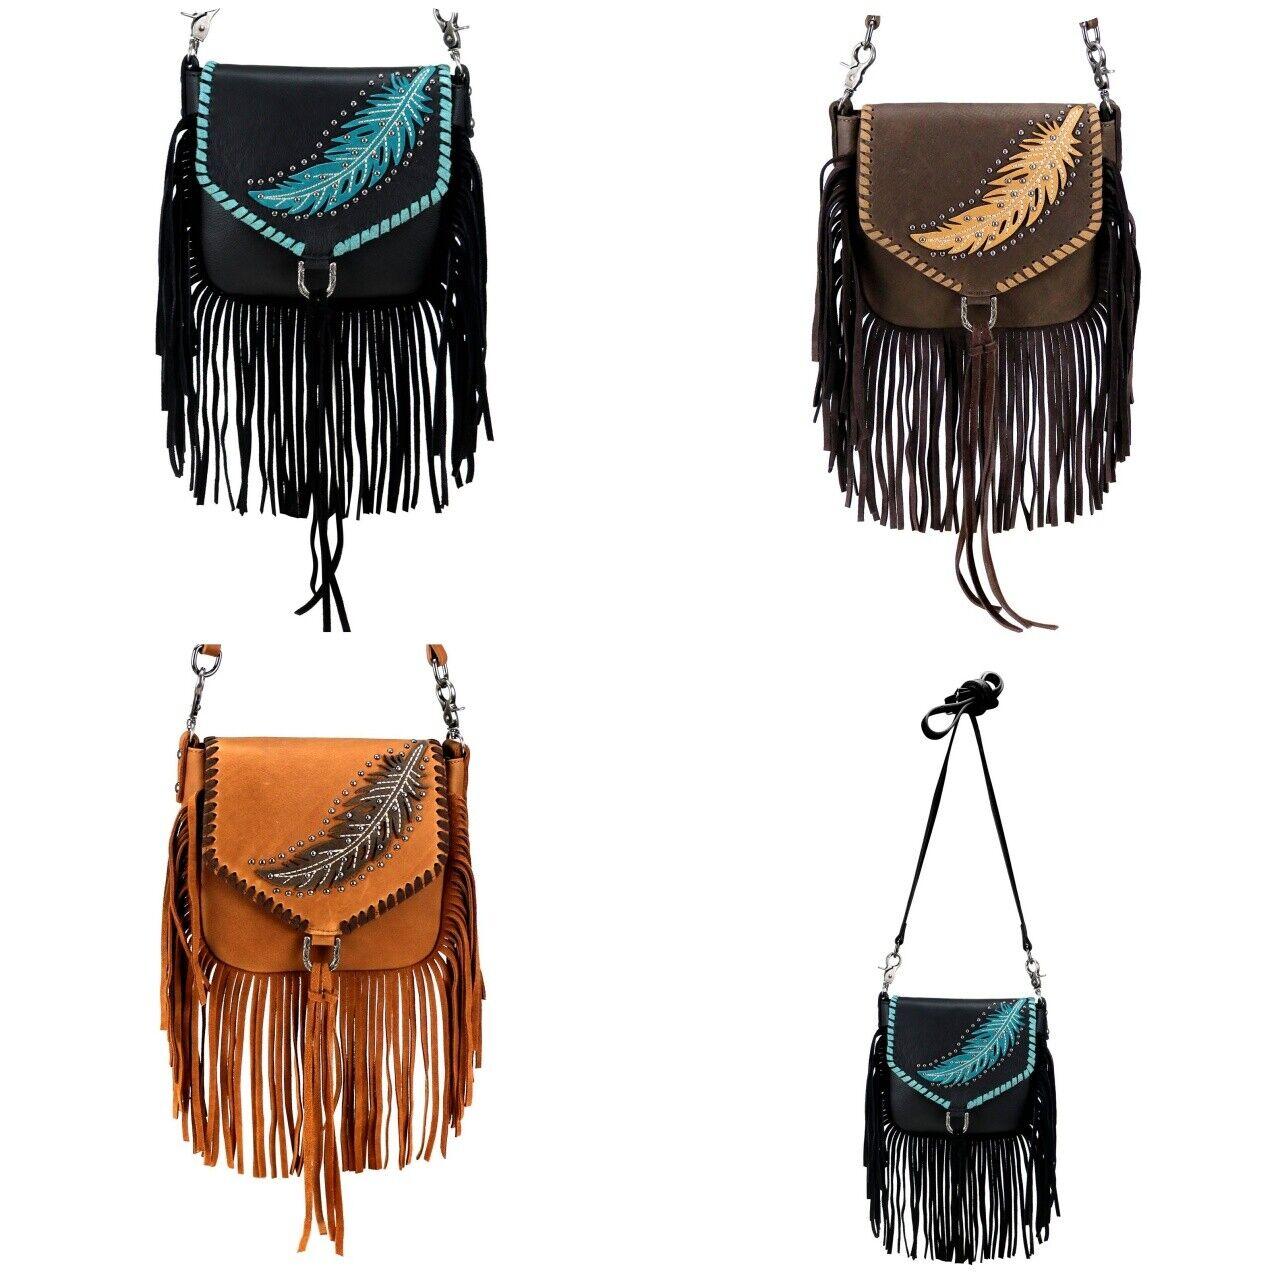 Handtasche Schultertasche Westerntasche Montana West Leder Feder Fransen Nieten